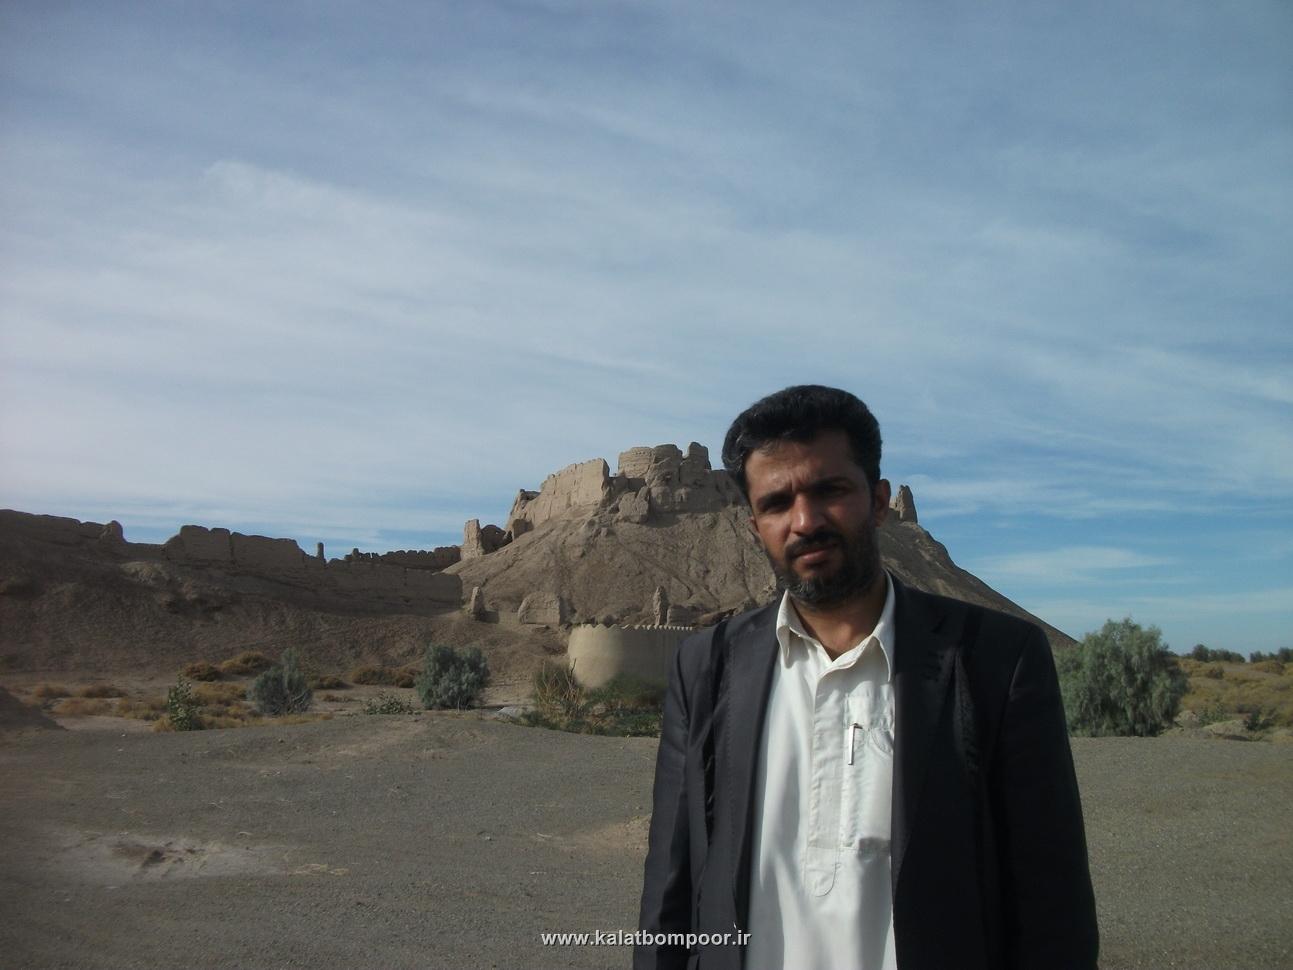 جدیدترین عکس های قلعه بمپور